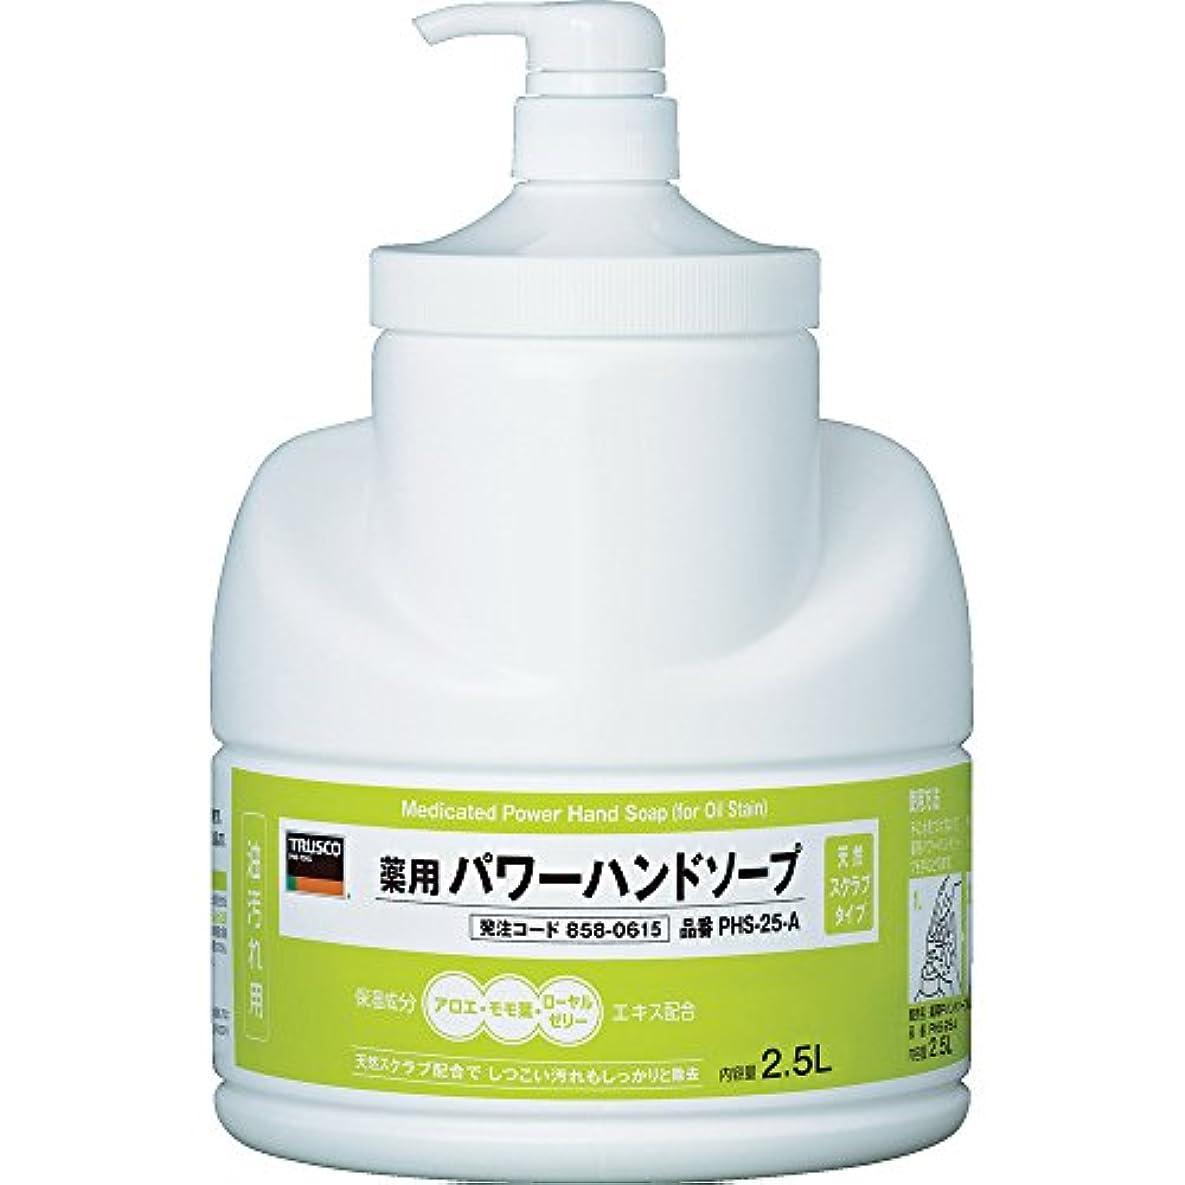 給料告発者言い訳TRUSCO(トラスコ) 薬用パワーハンドソープポンプボトル 2.5L PHS-25-A